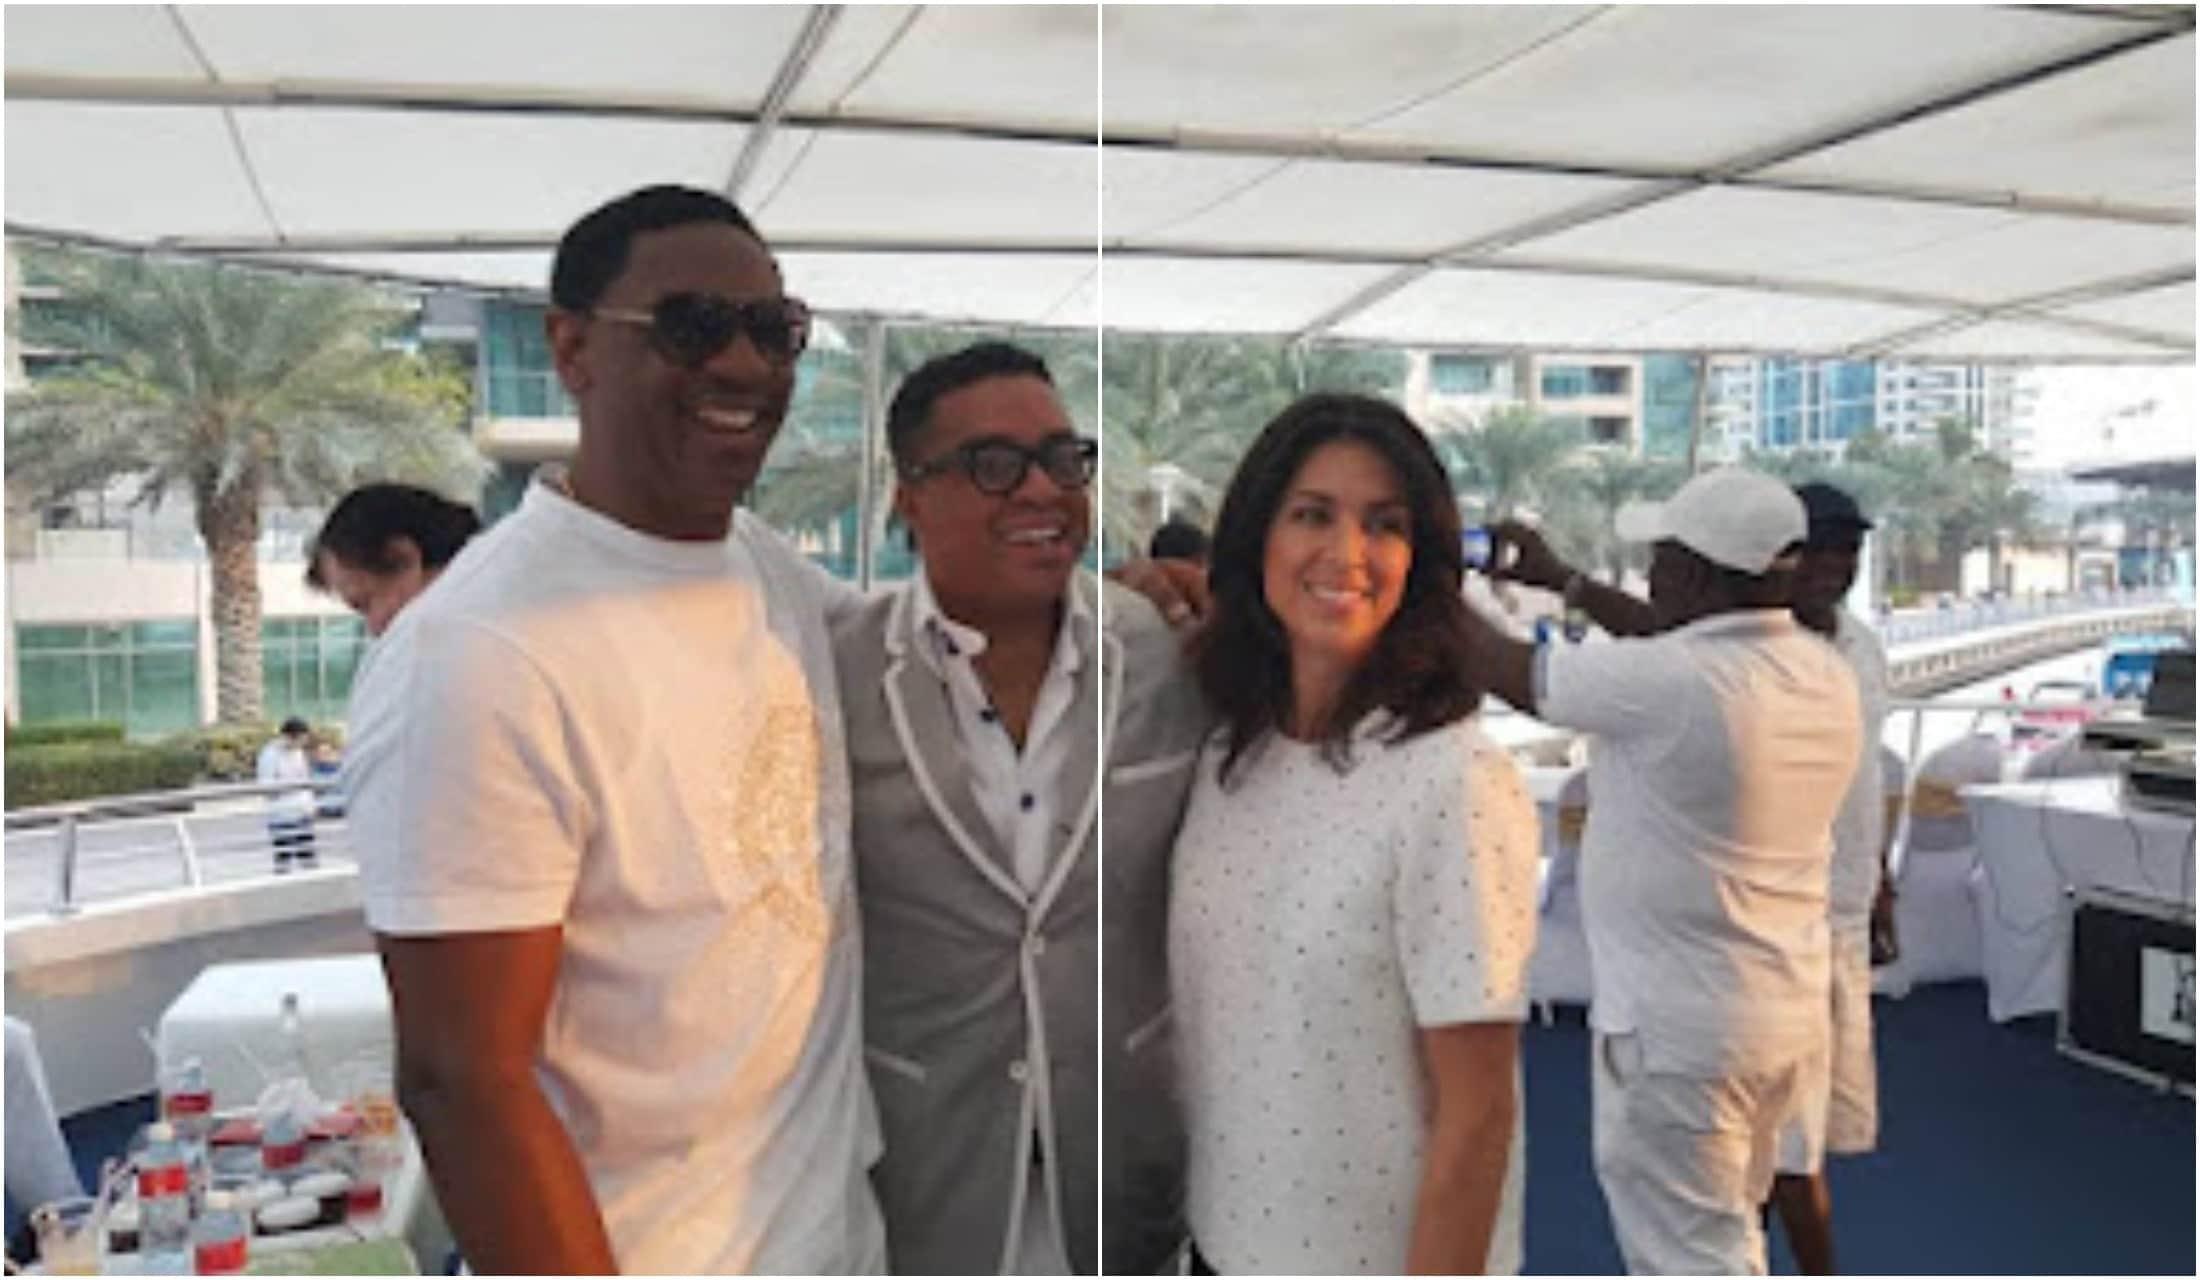 COZA pastor Fatoyinbo's all-white Yacht birthday